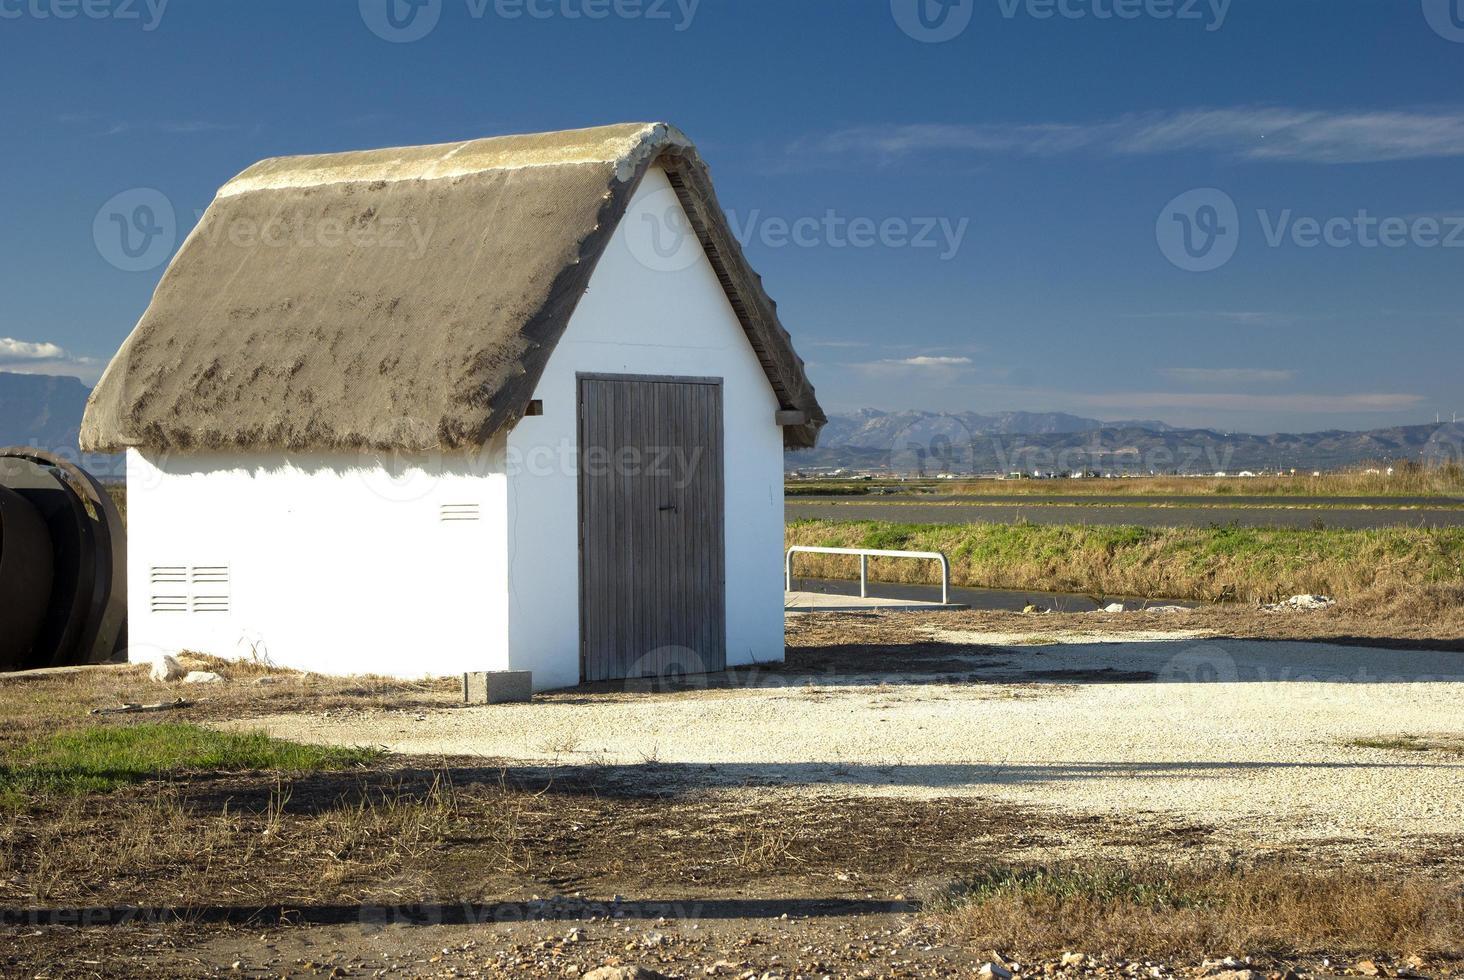 casa típica en el delta del ebro, cataluña, españa foto